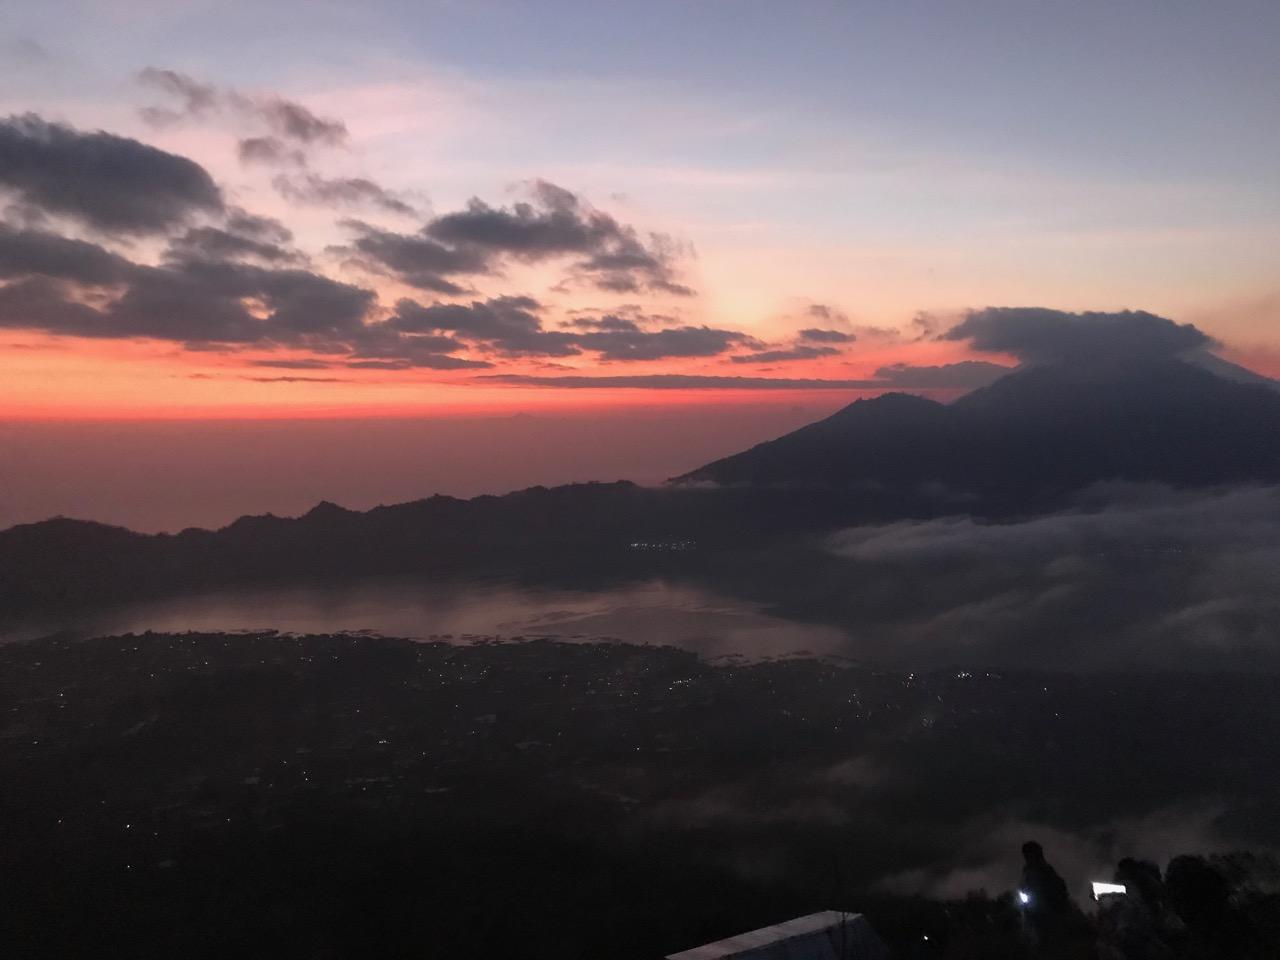 Sun rising behind Mt. Agung